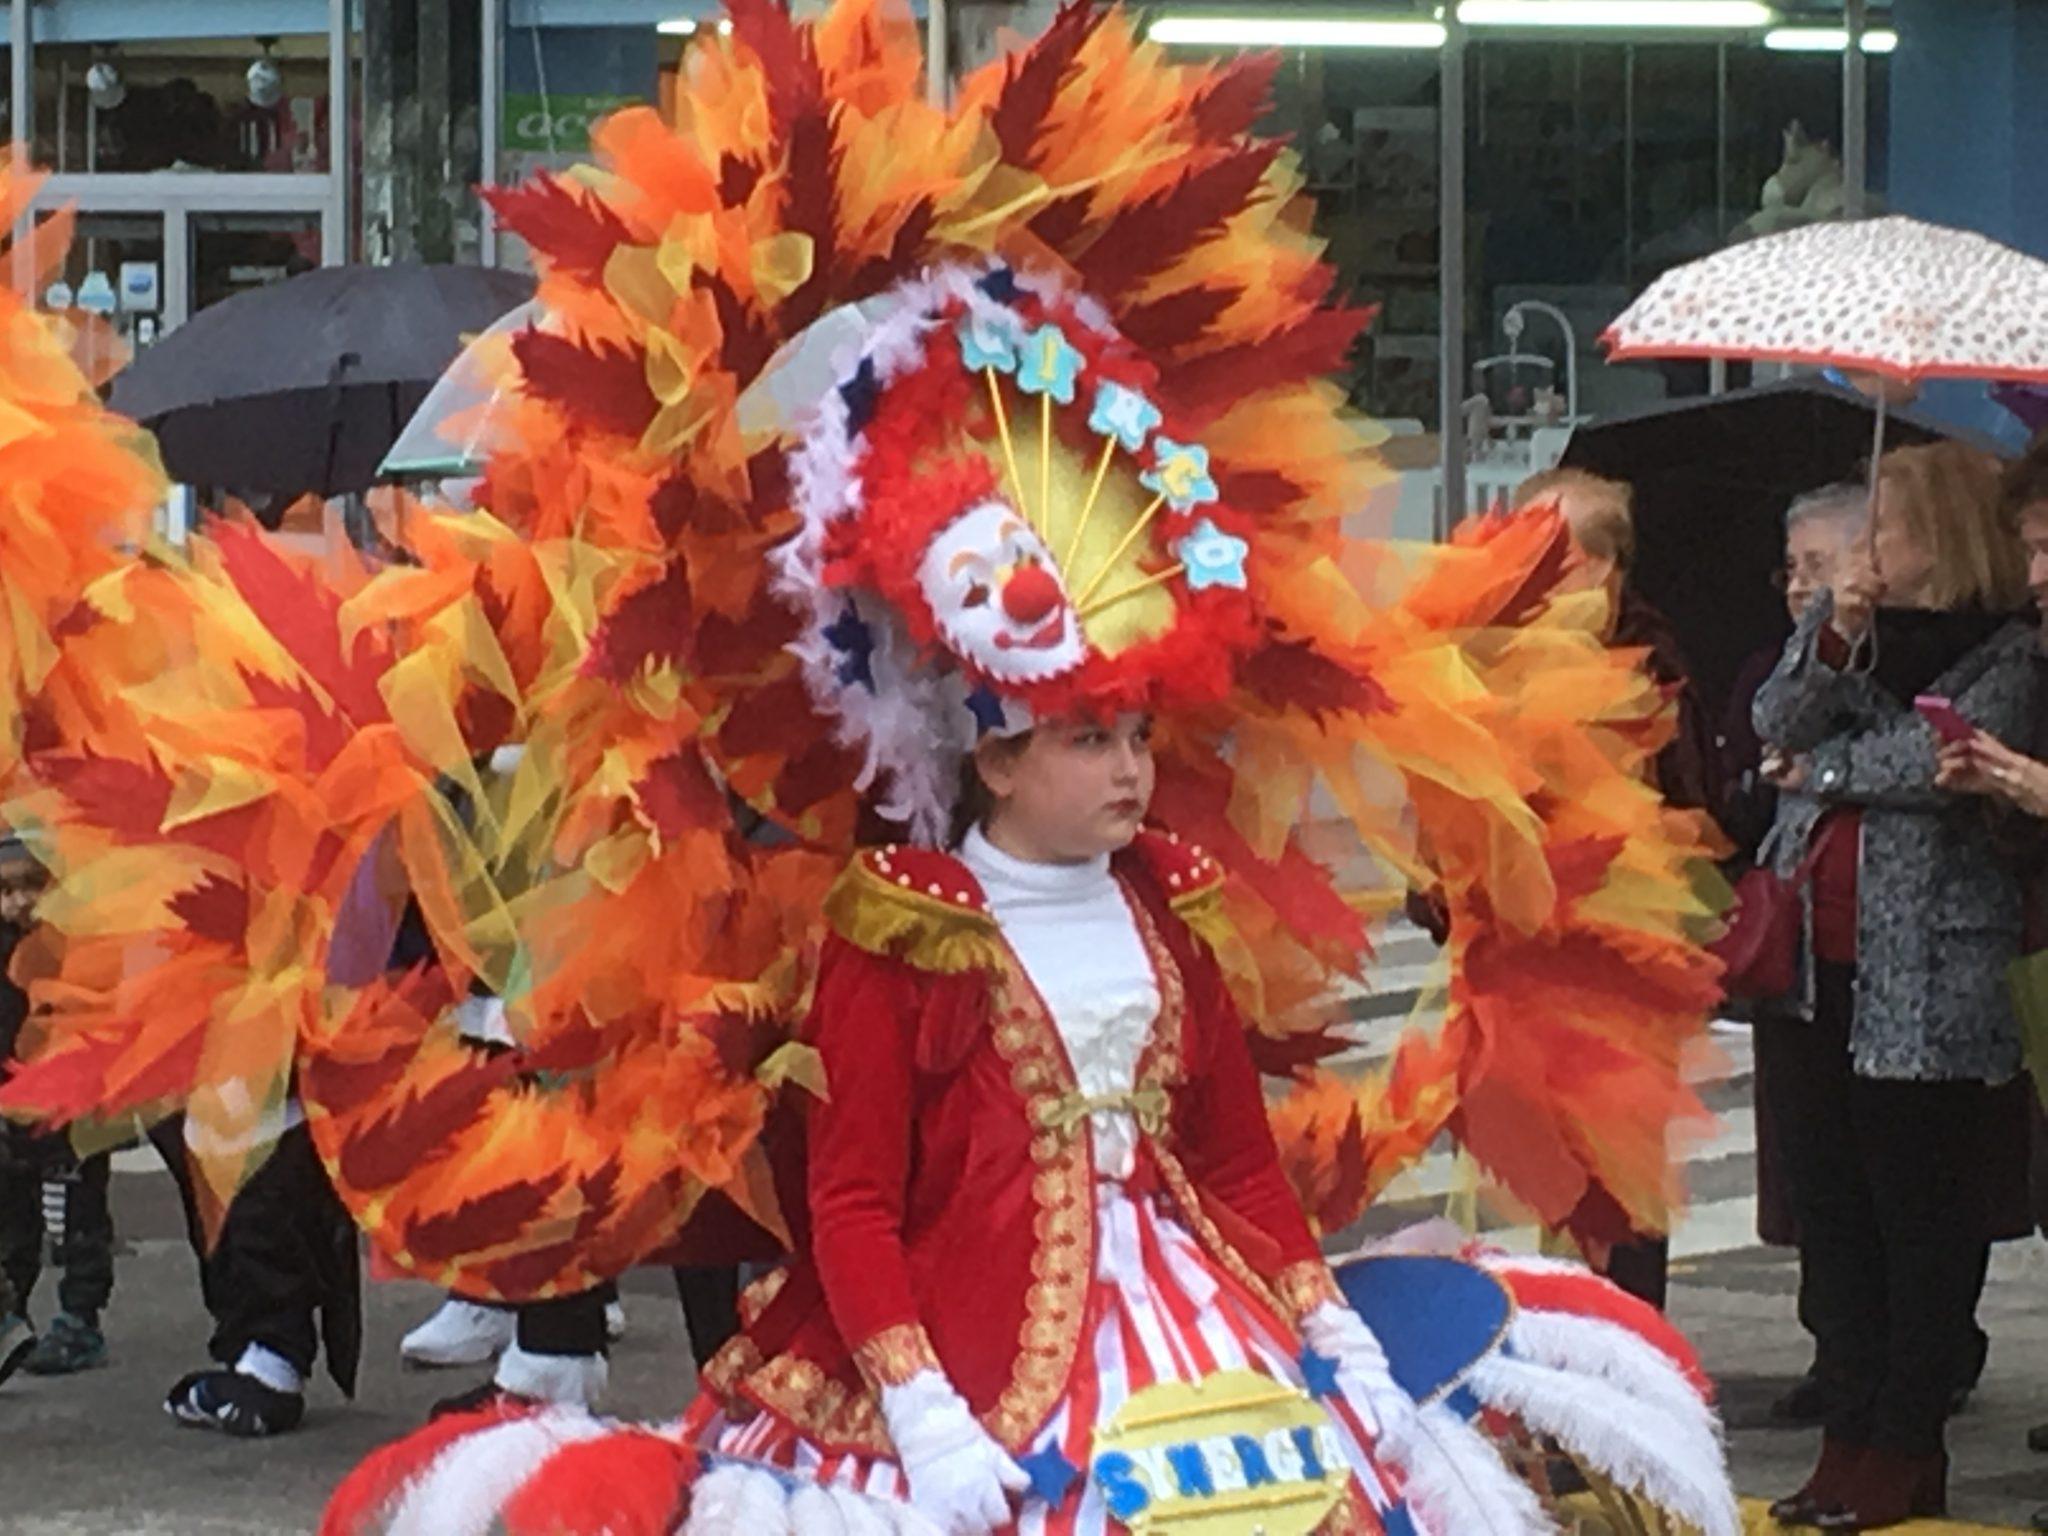 Álbum de fotos del martes de Carnaval 2019 en Ponferrada 17